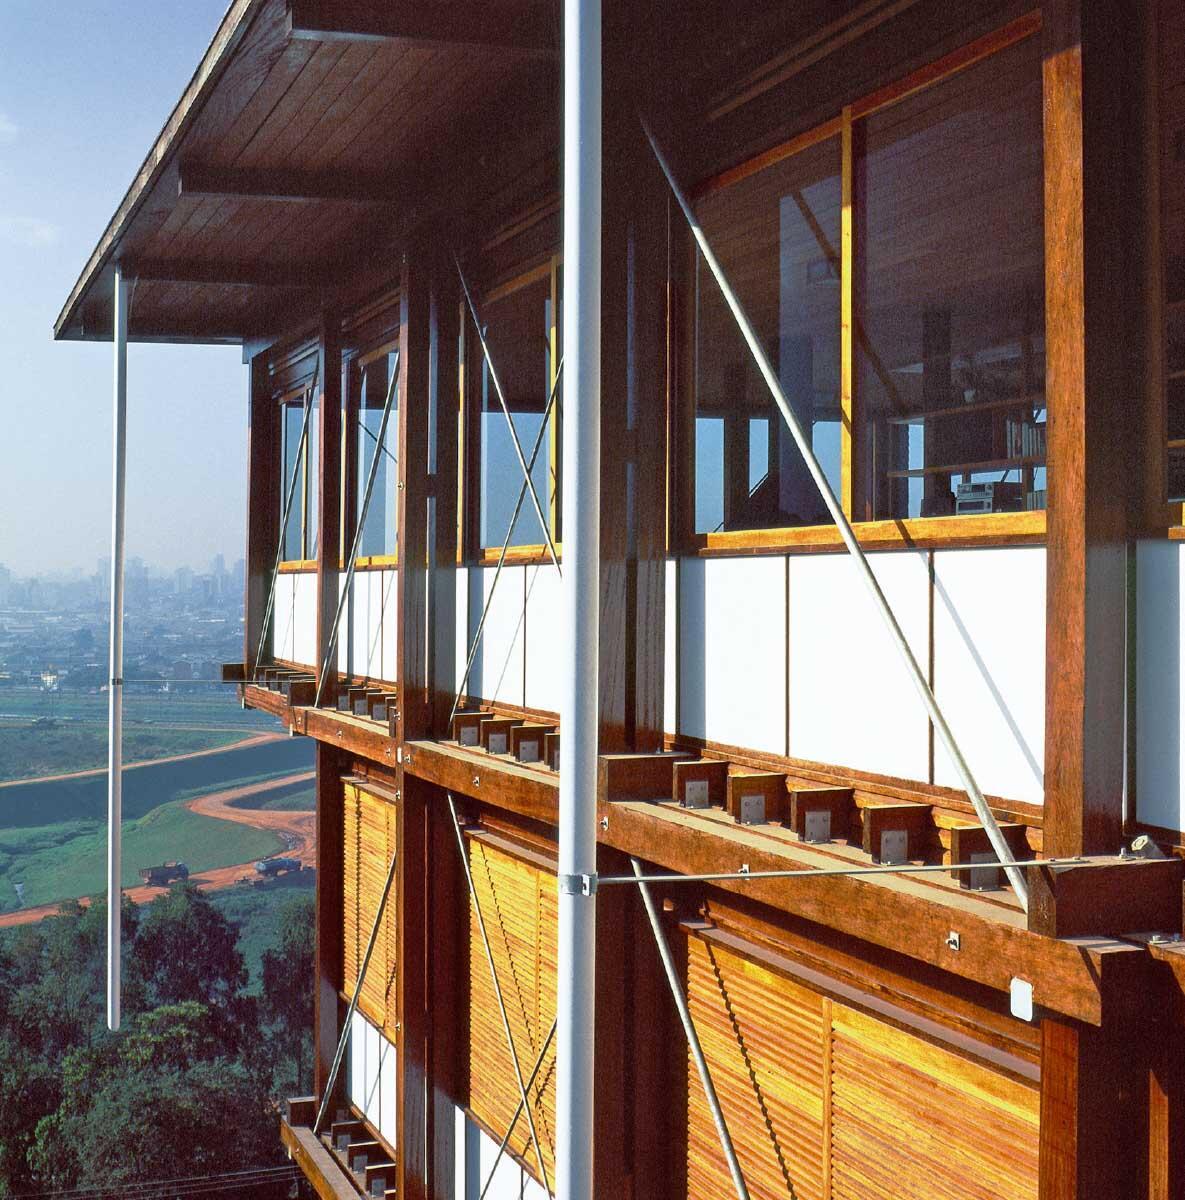 Sichtbar gefügt: Die Konstruktion ist als feingliedriges Relief an der Fassade ablesbar – geschützt durch Vordach und Auskragungen. Bild: Nelson Kon